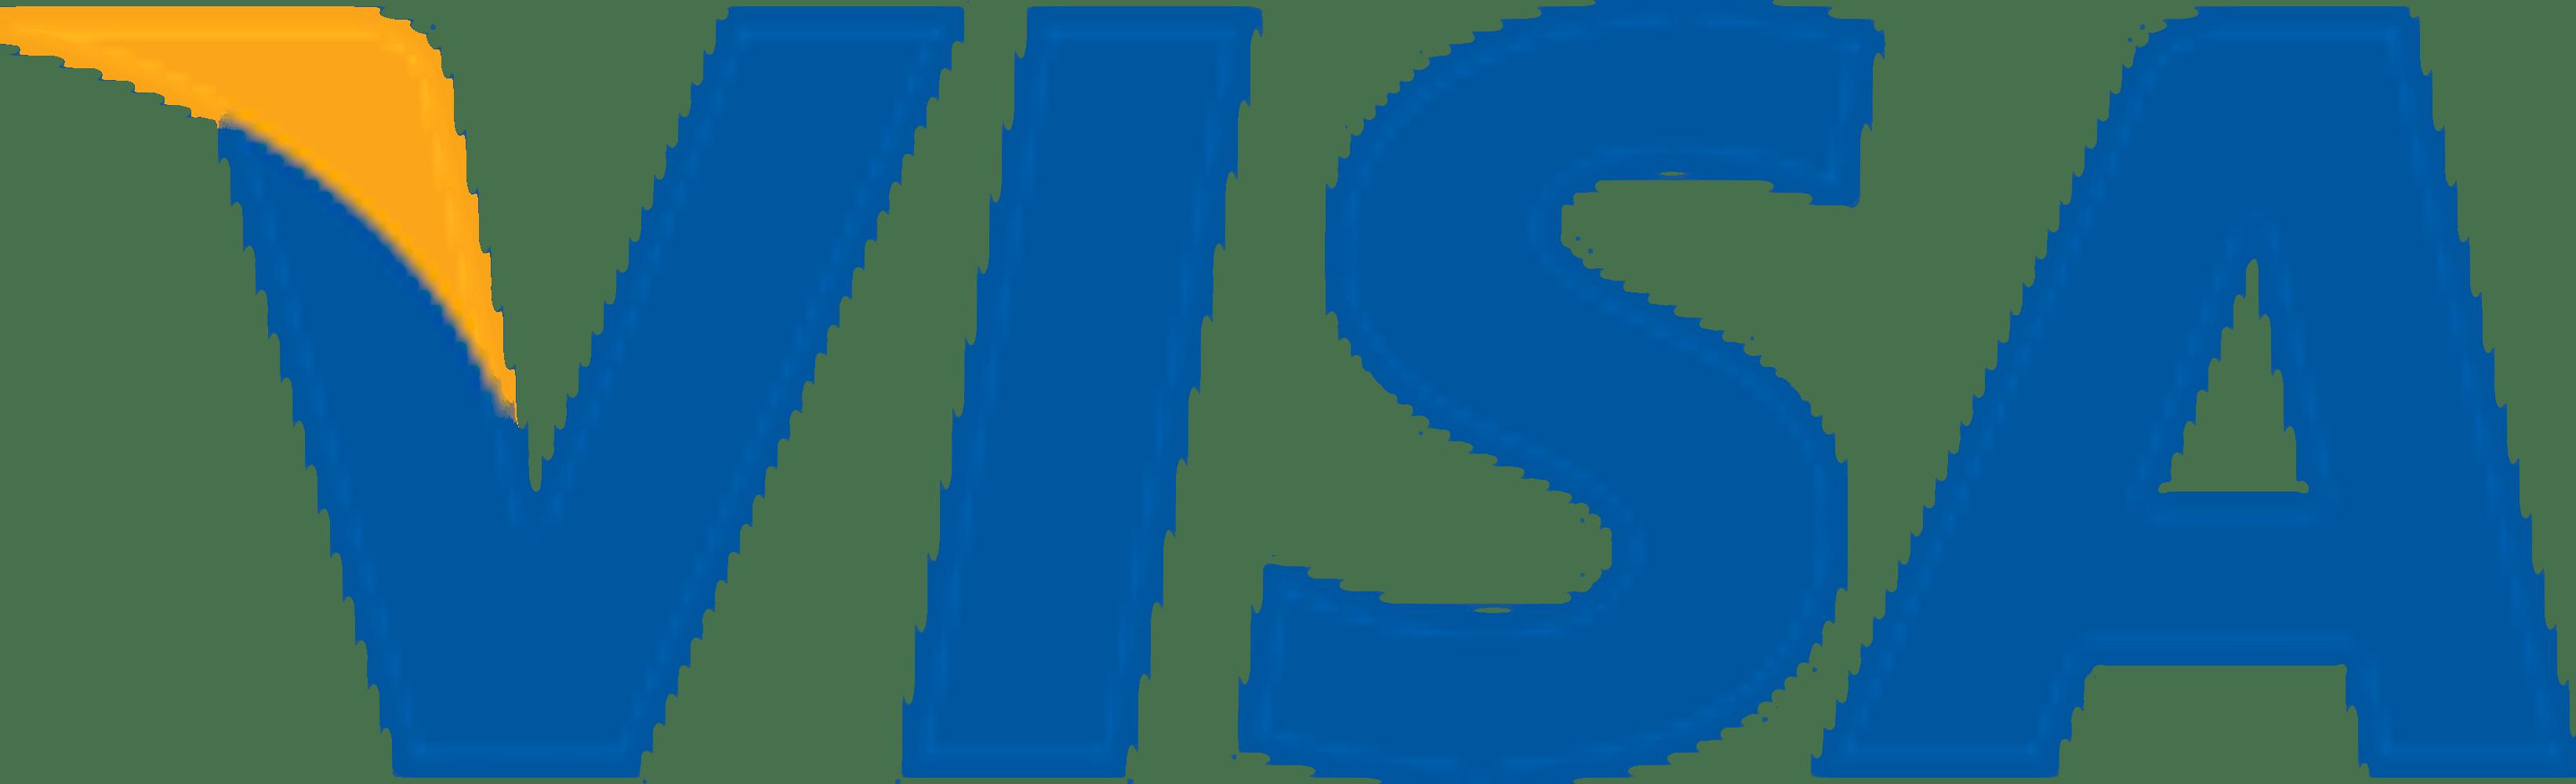 download-visa-logo-png-pic@3x